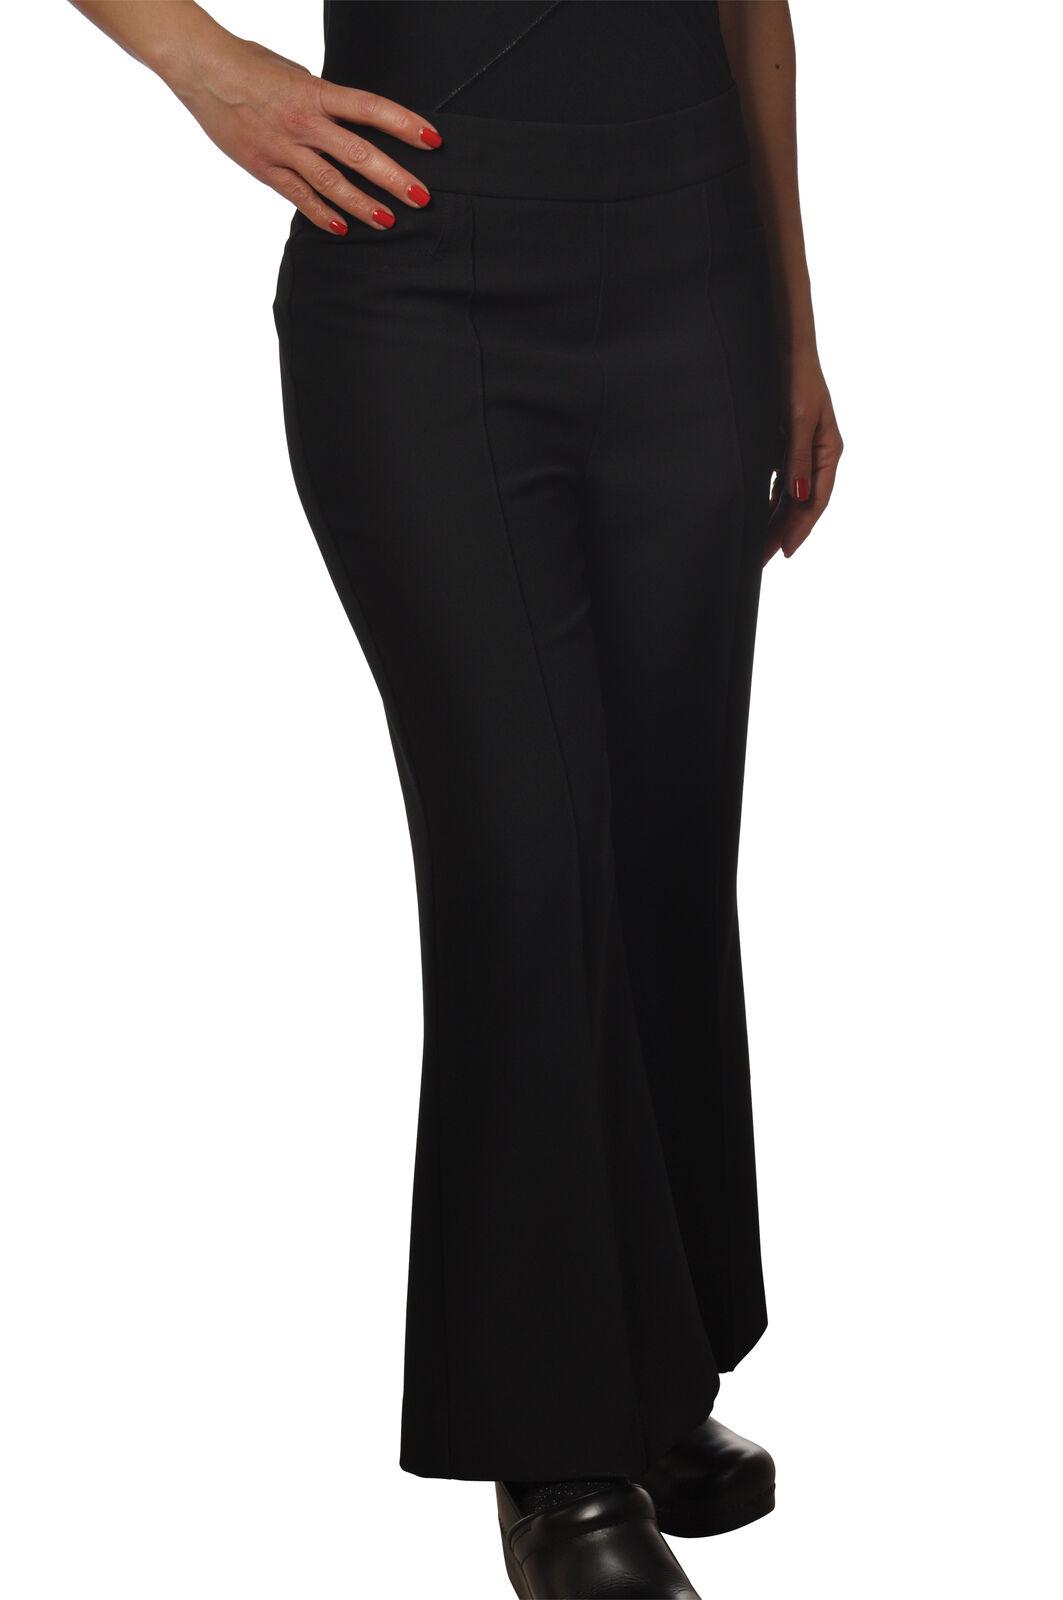 Ottod & 039;ame-Pantalones-Pantalones-Mujer  - Negro - 6147630E191033  ventas en linea